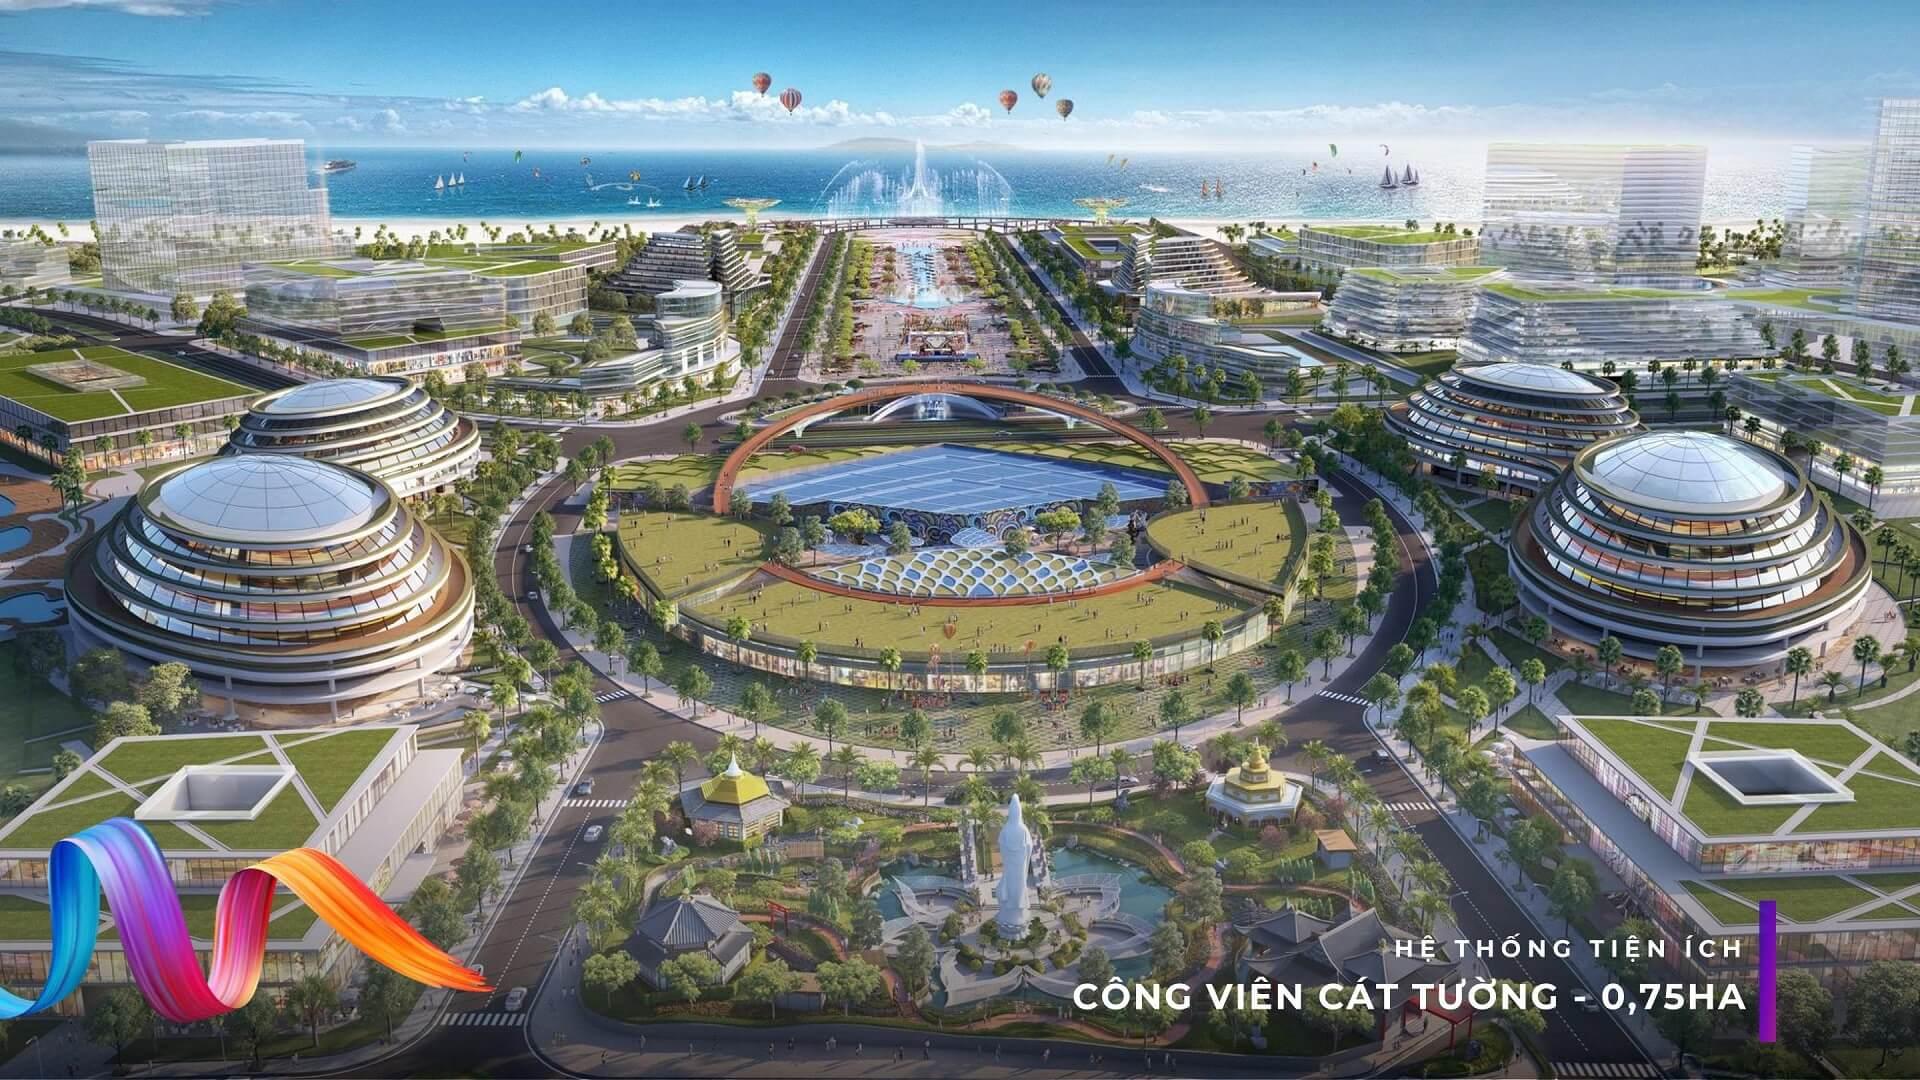 Công viên Cát Tường - Đại đô thị Dự án KN Paradise Cam Ranh Bãi Dài